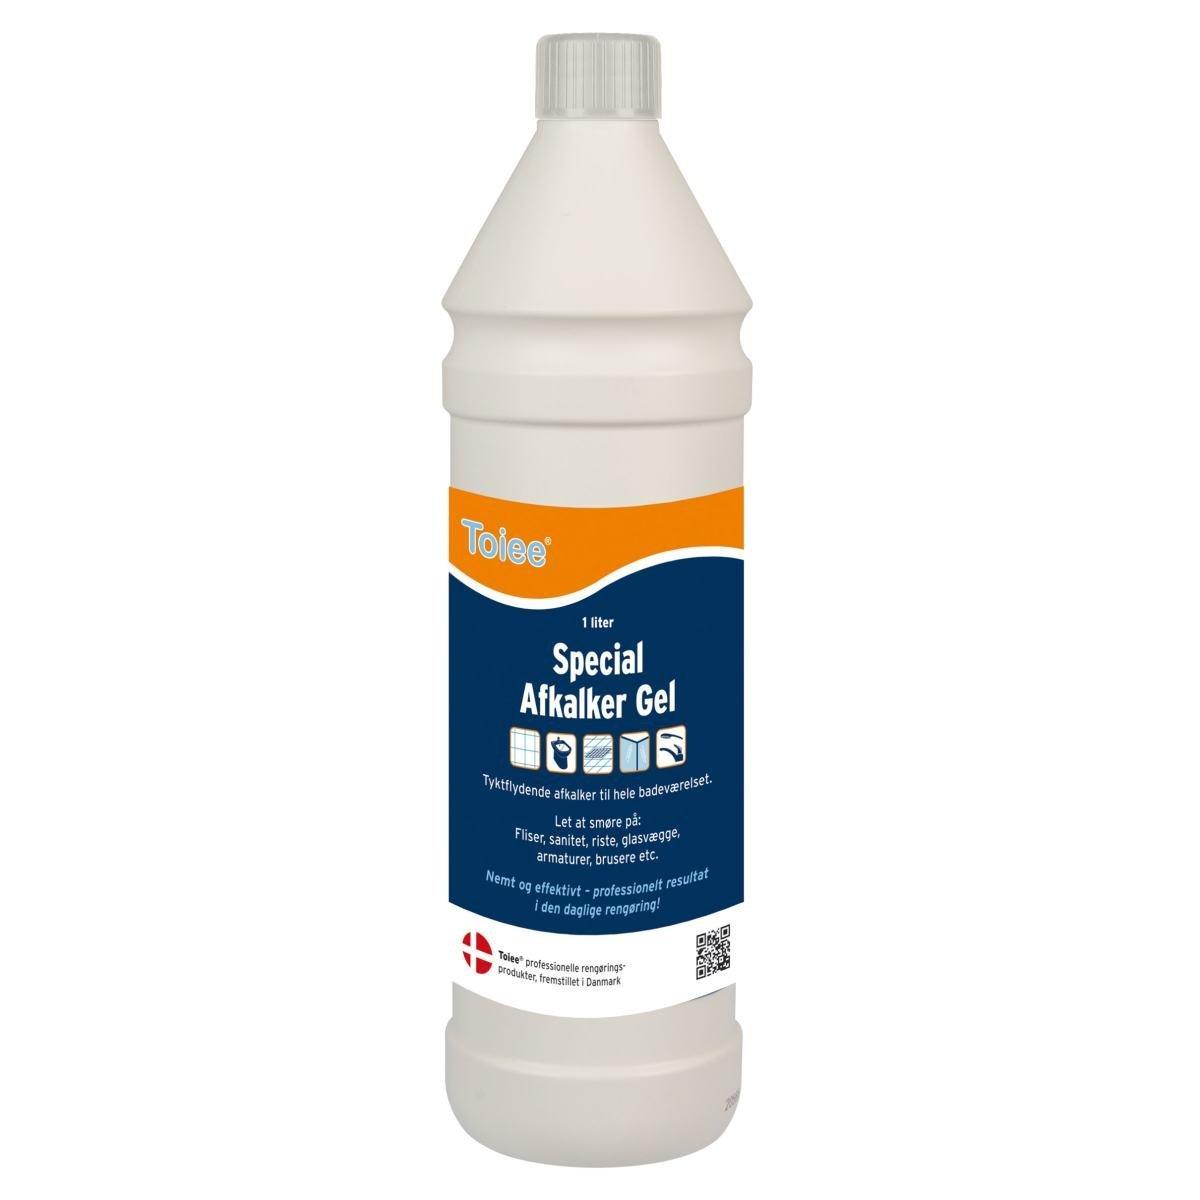 Afkalker gel 1 liter - Toiee Special